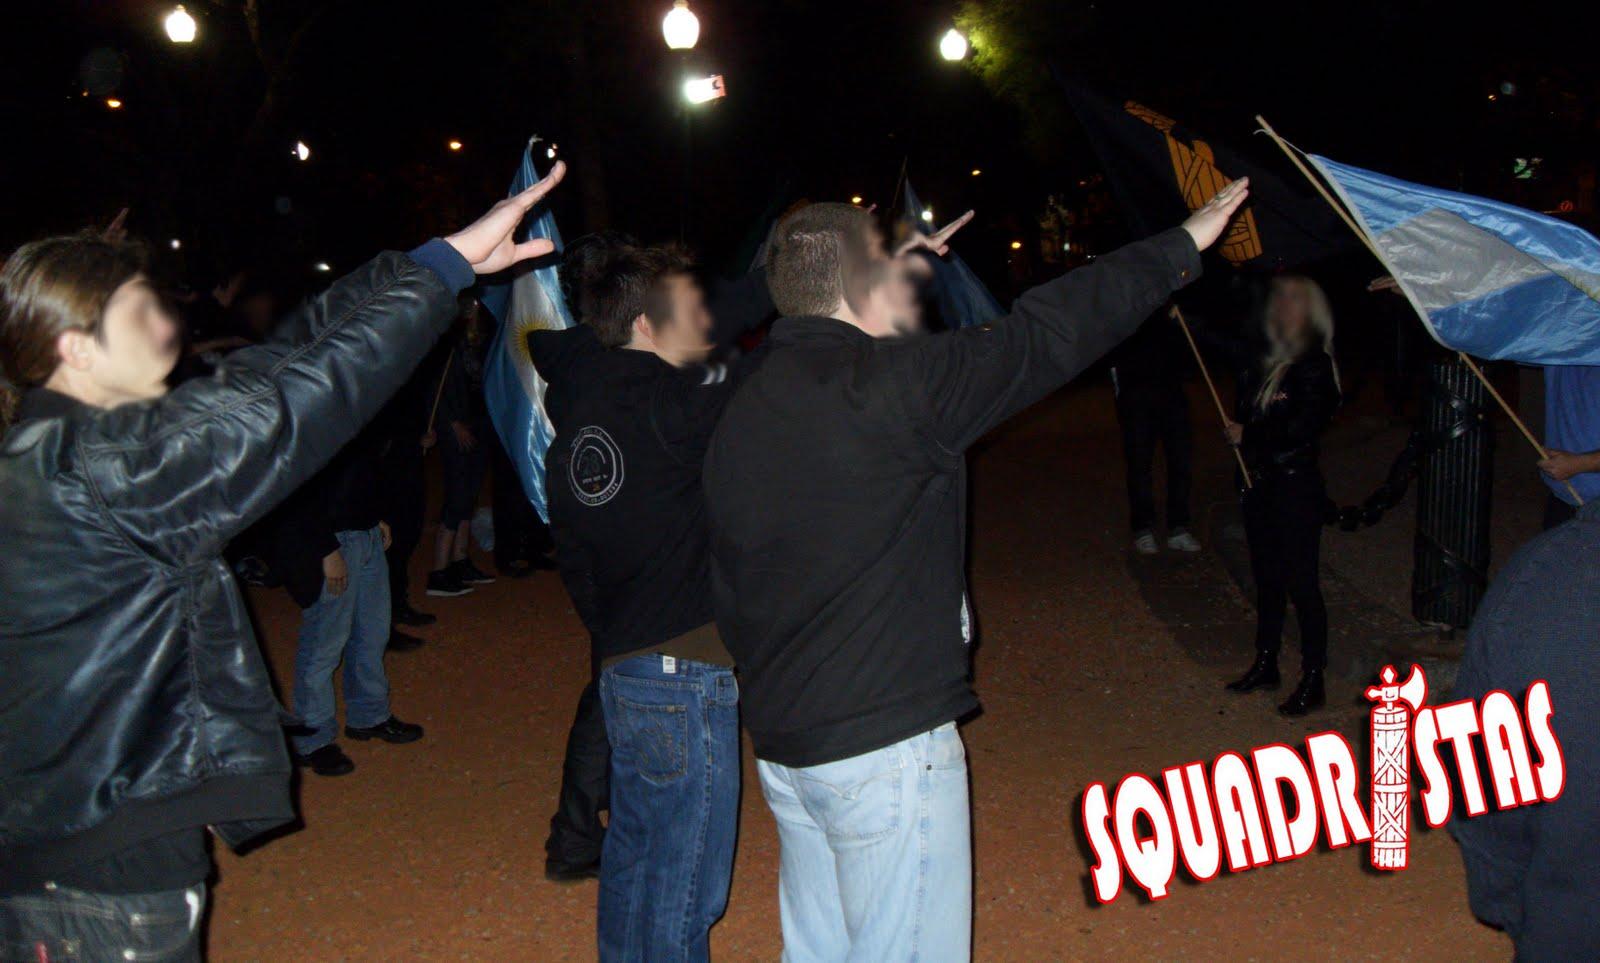 Squadristas en Argentina; nuevos fascistas